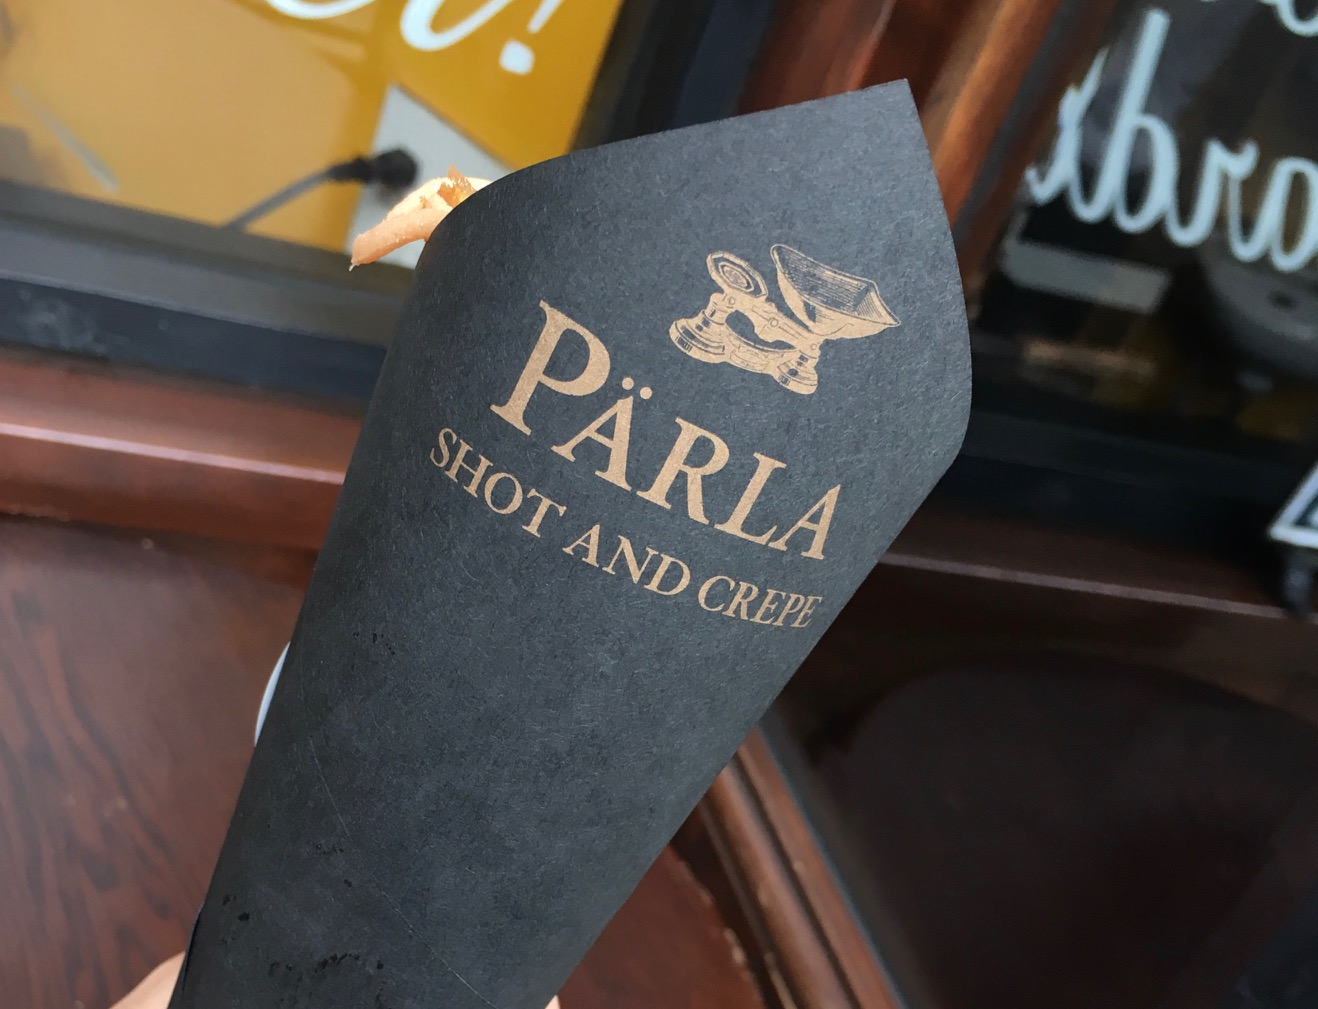 芸能人も訪れる高級クレープ専門店『PARLA』に行ってきました!実際に食べた感想をお届けします☆